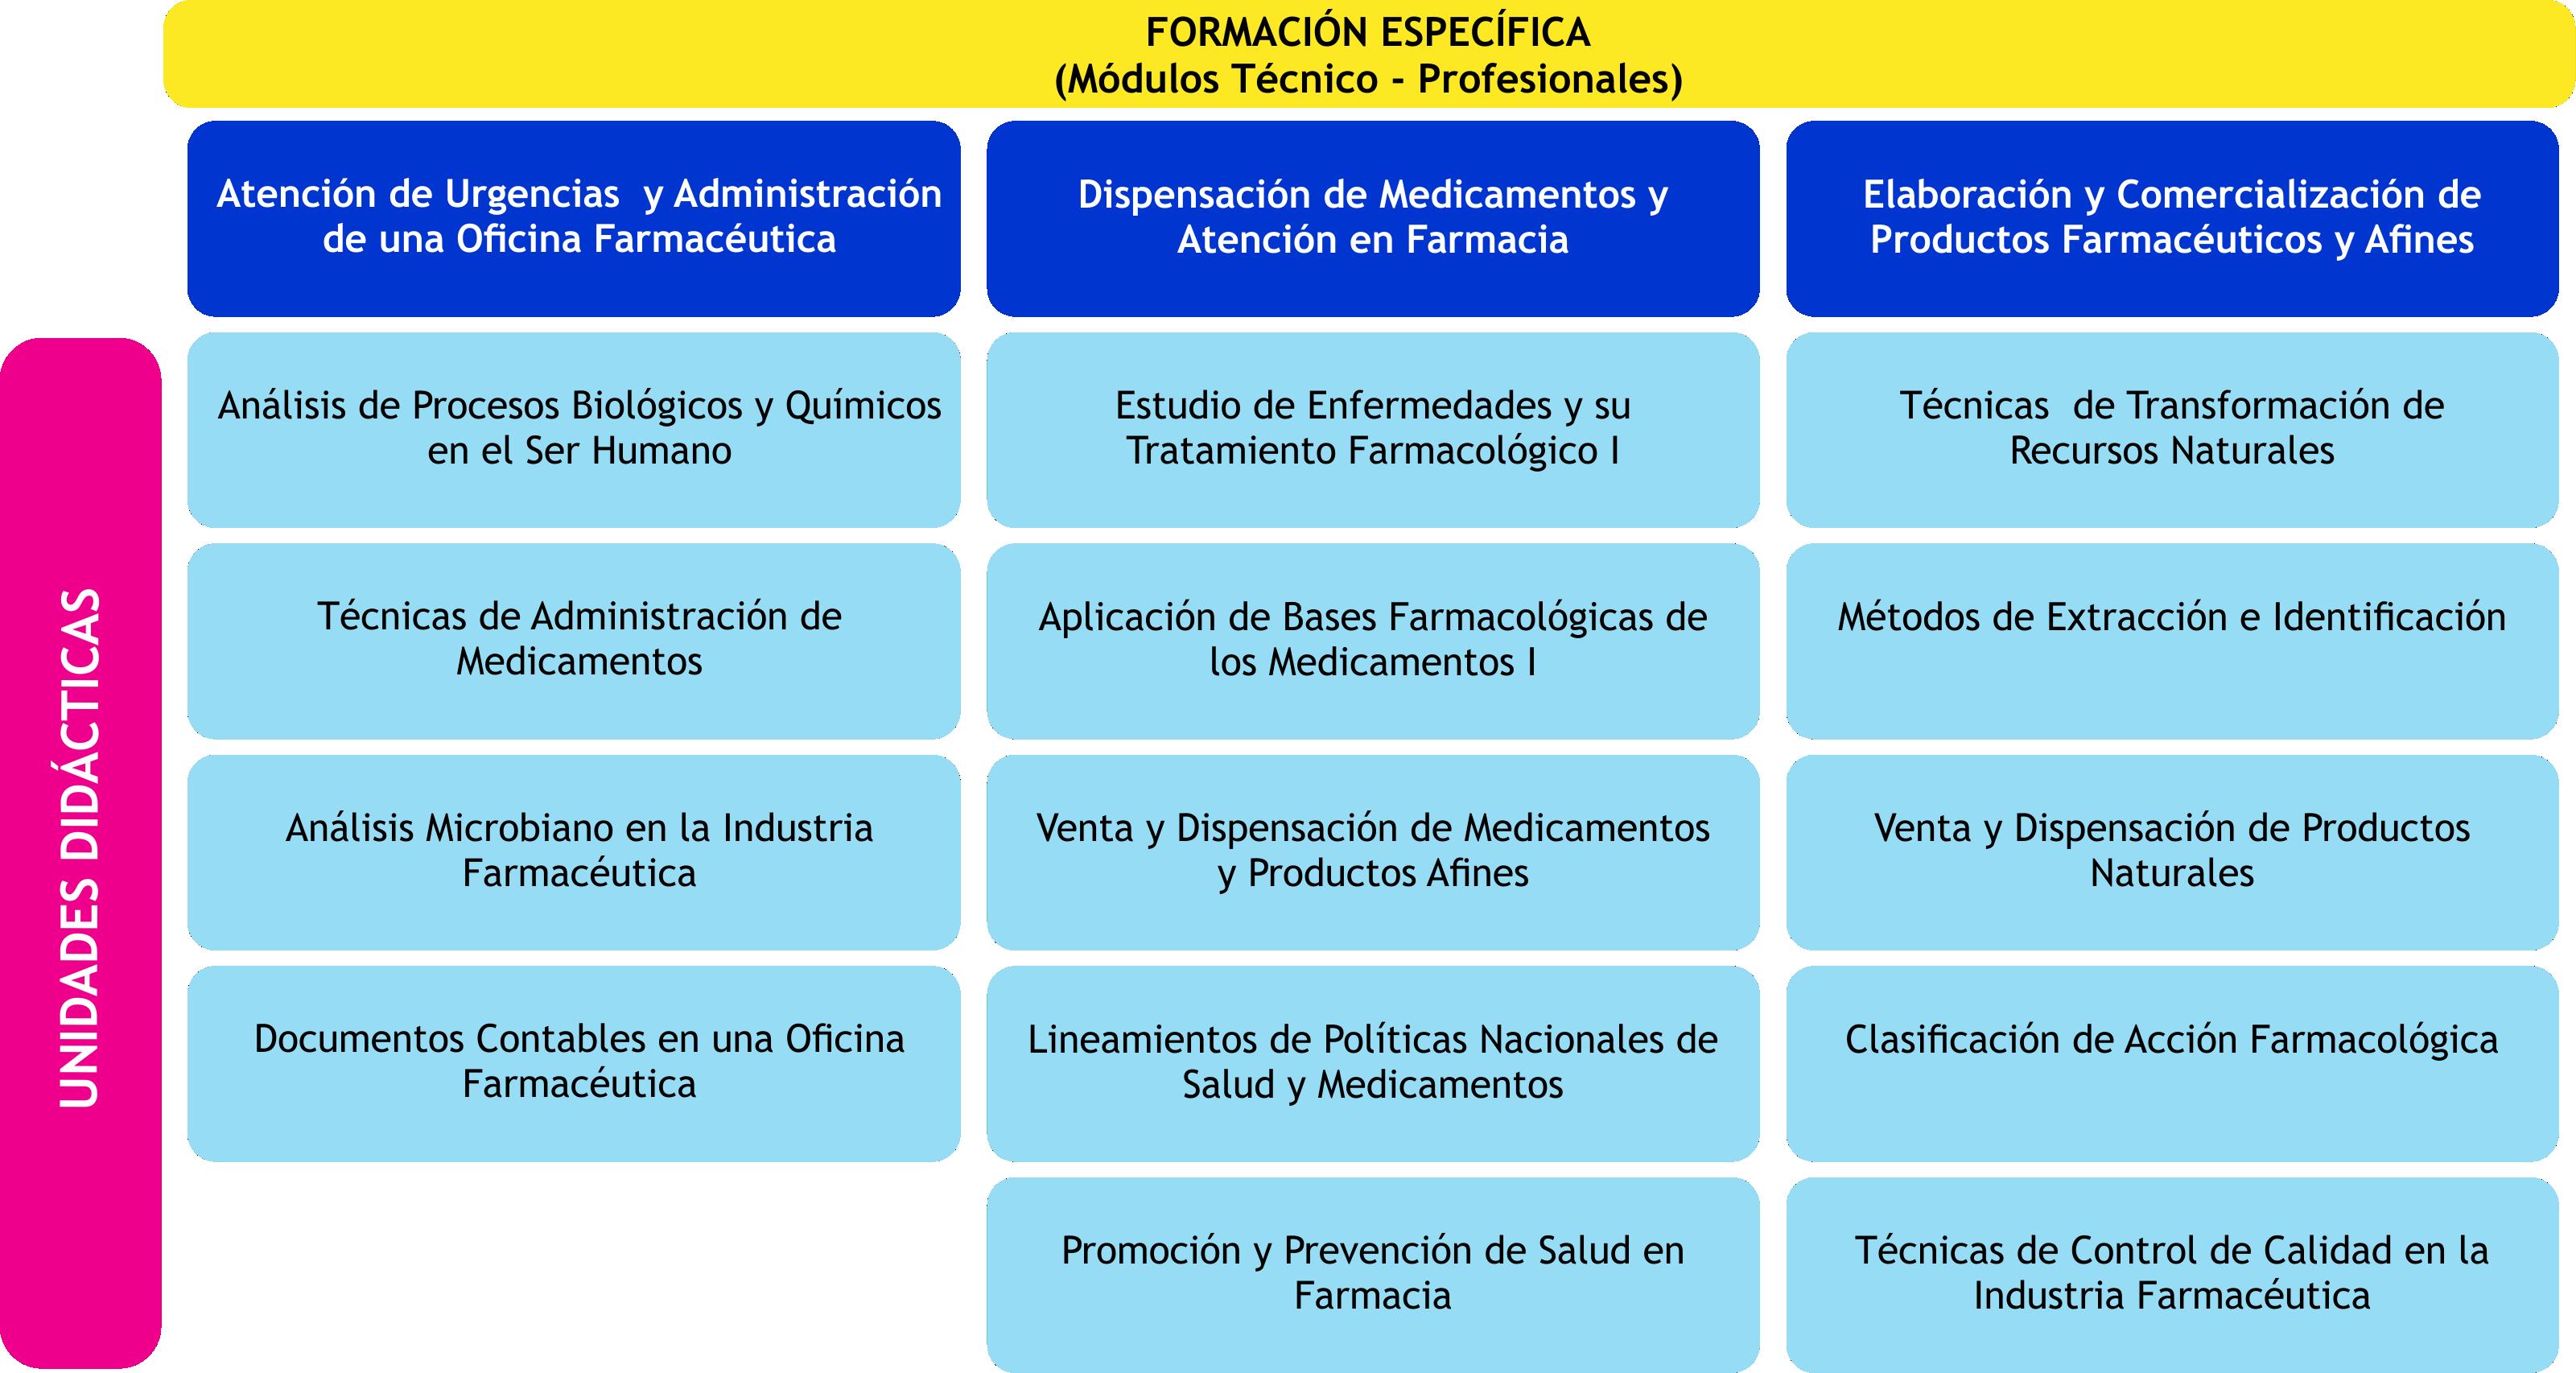 mallaFarmacia